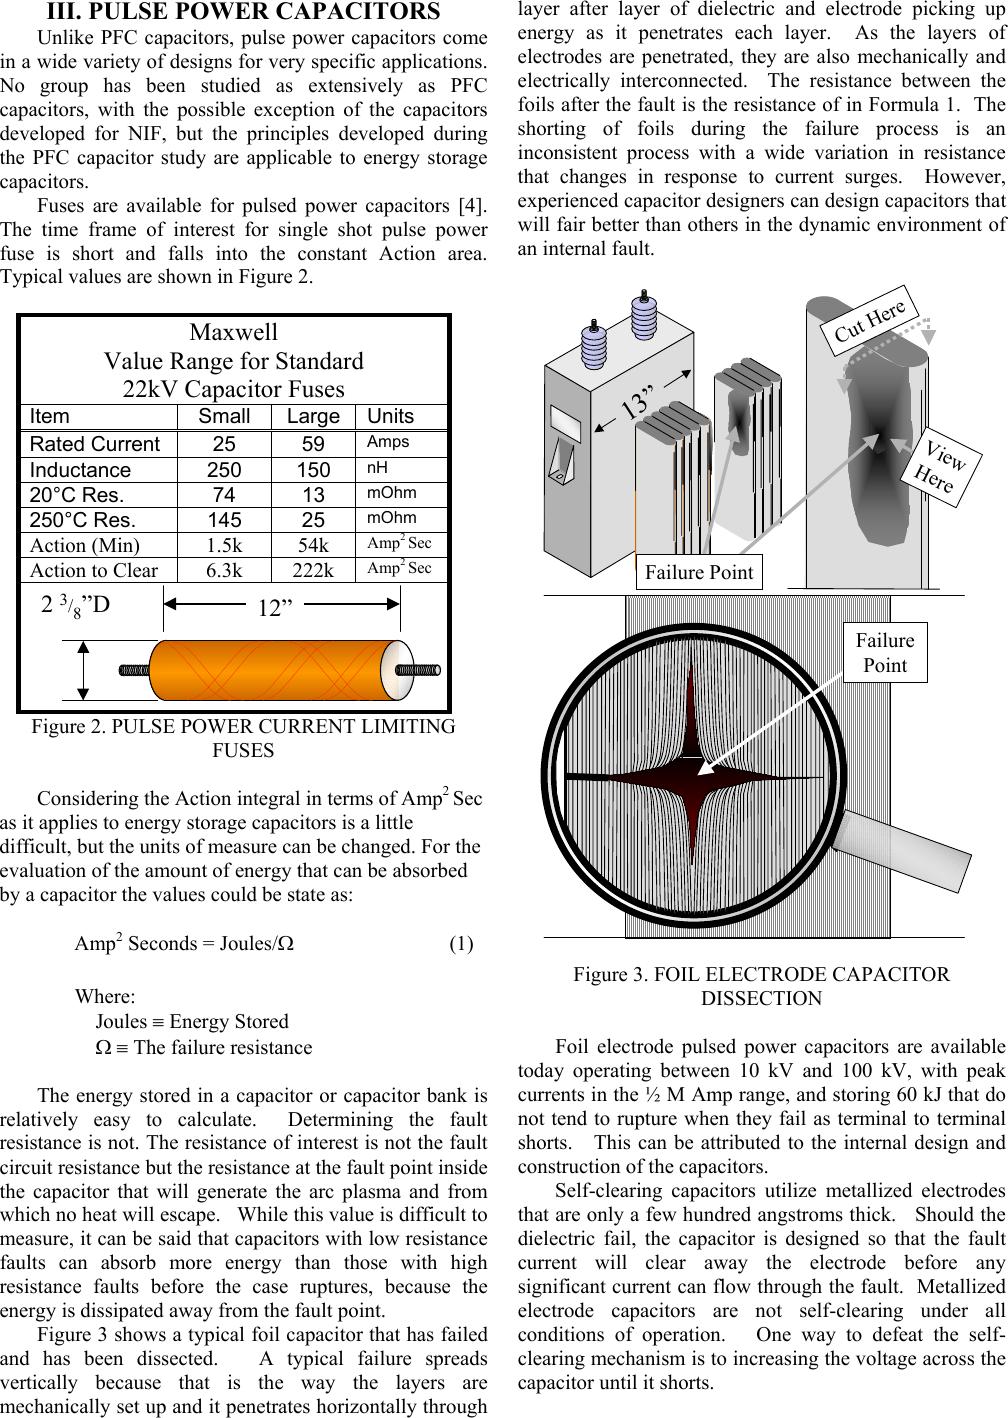 High Voltage Capacitors Designed To Avoid Catastrophic